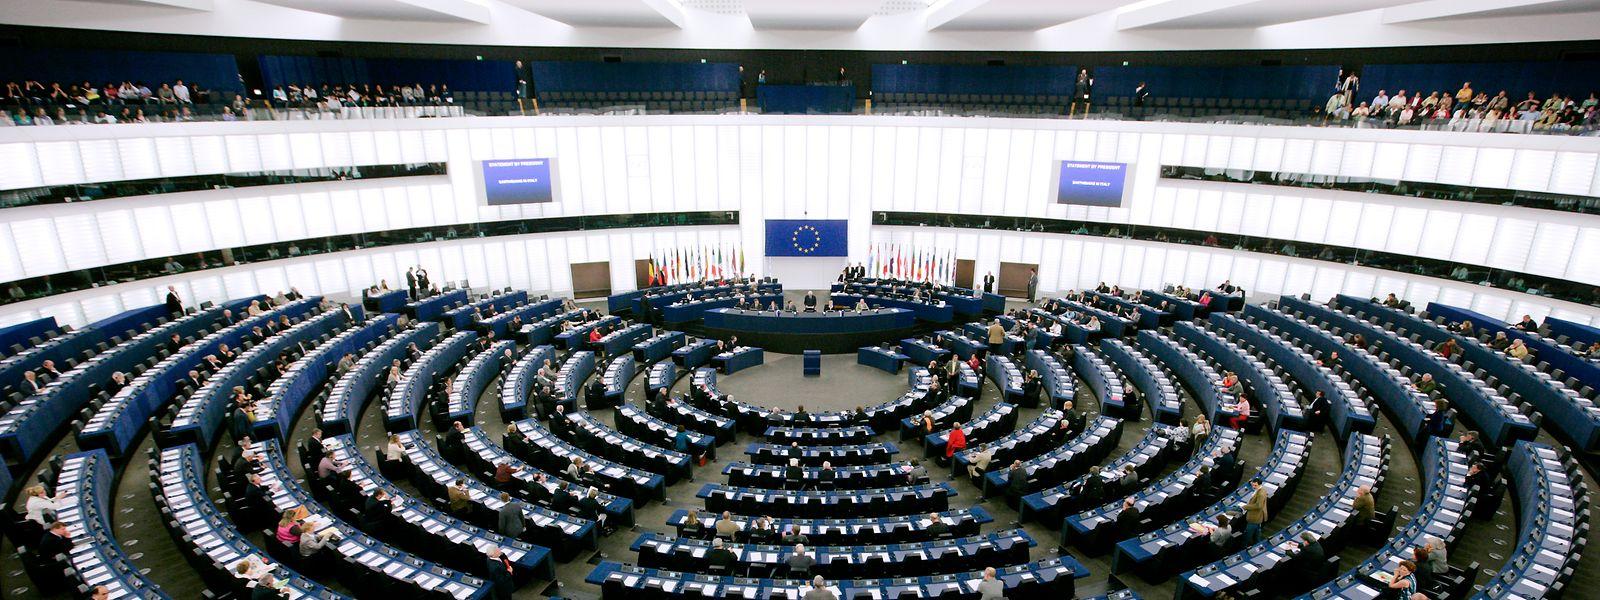 Der europäische Anspruch vieler Bürger klafft mit der Wirklichkeit des EU-Parlaments auseinander.